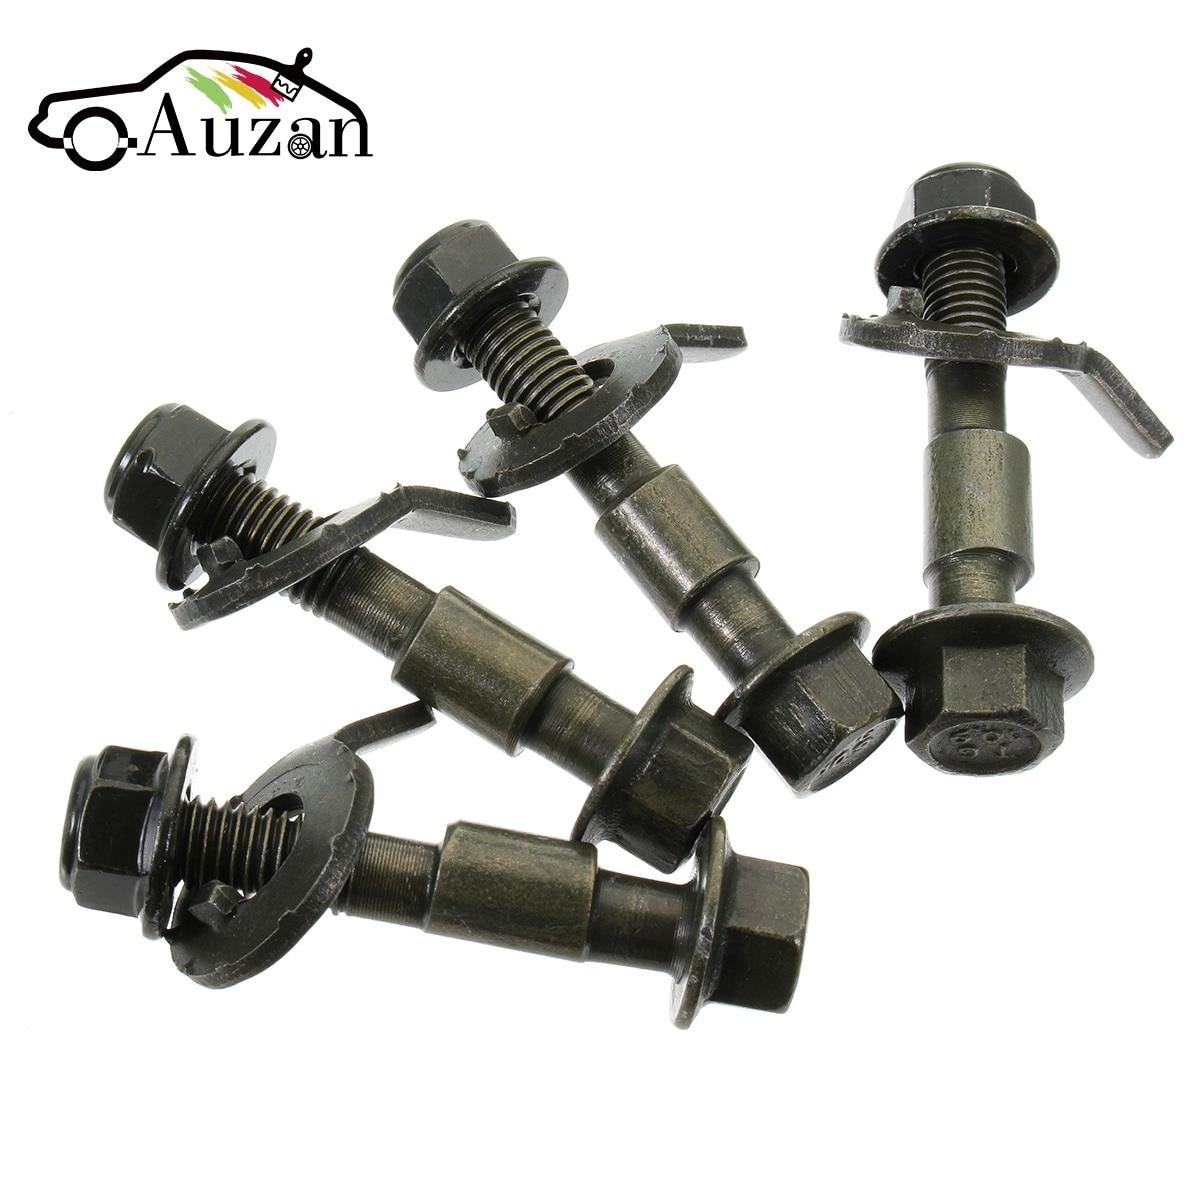 4PCS 12mm 10.9 Wheel Alignment Camber Bolt Eccentric Screw Car Adjustment Repair Tools